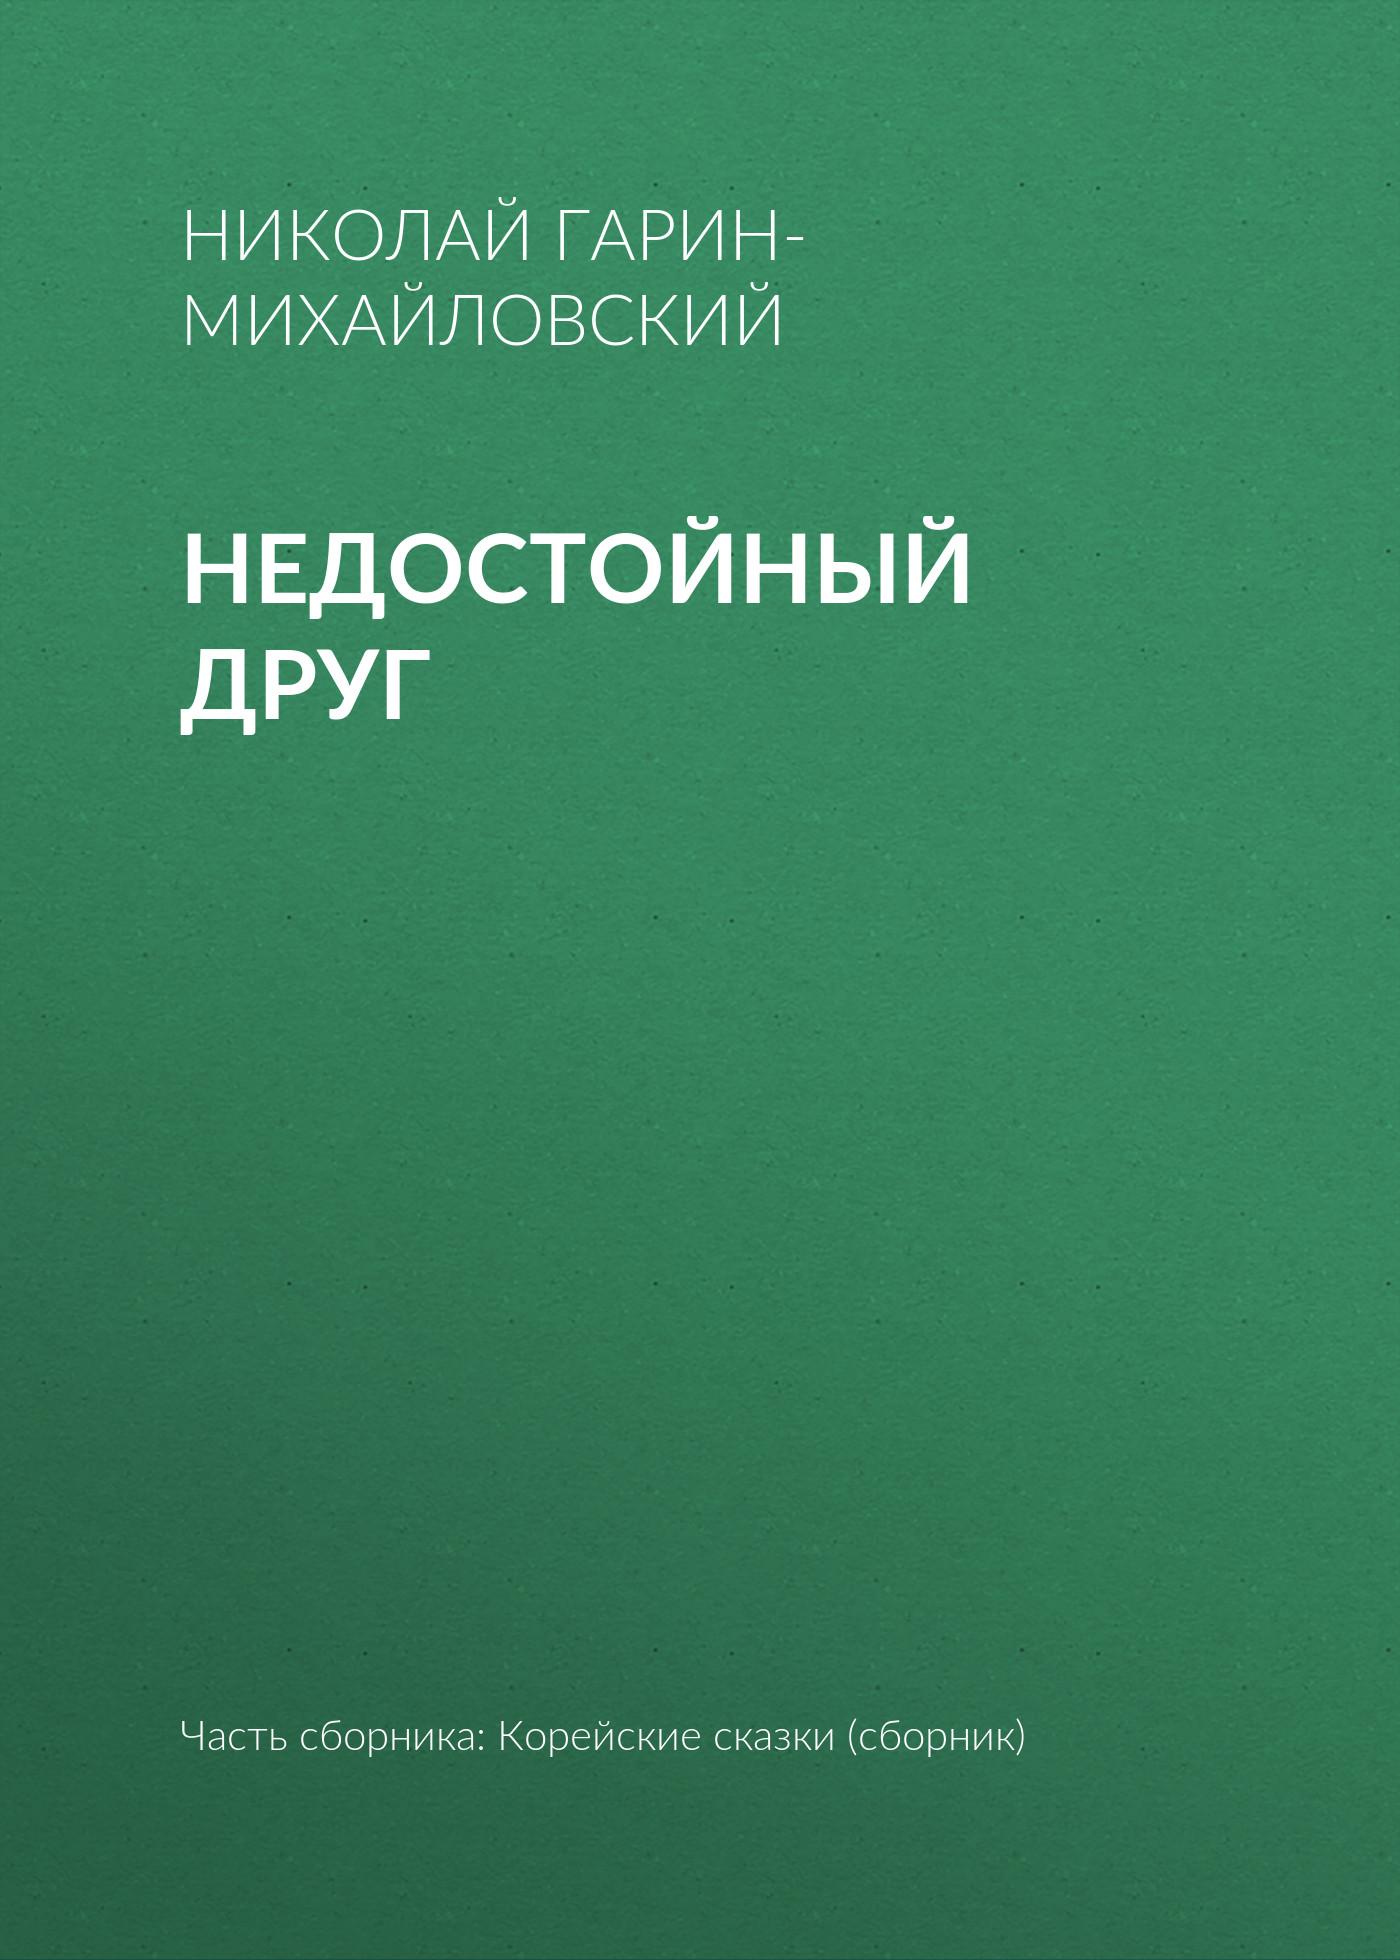 Николай Гарин-Михайловский Недостойный друг николай гарин михайловский счастье